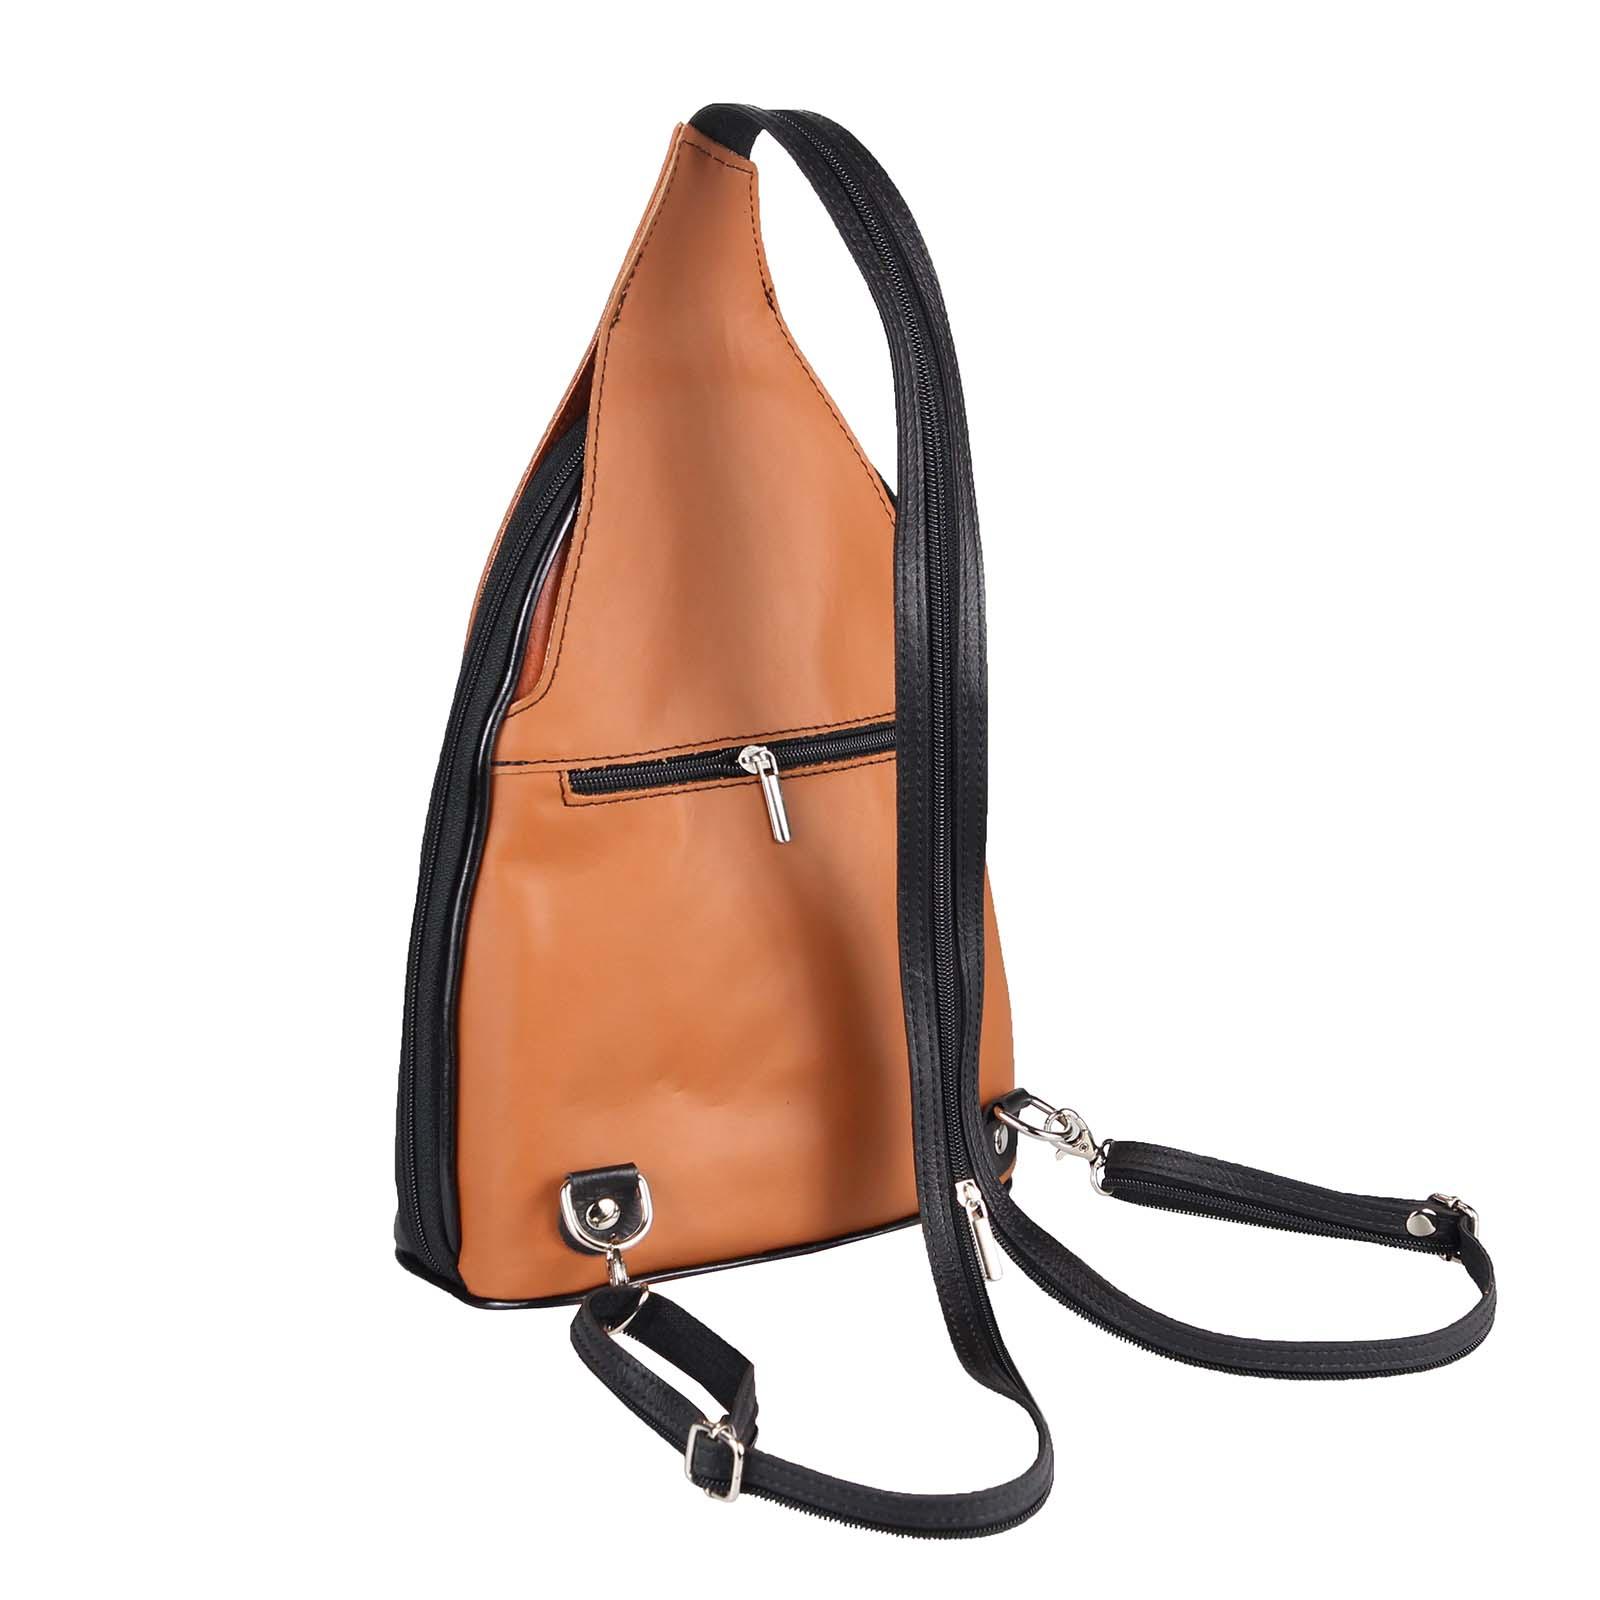 ITALY-DAMEN-LEDER-RUCKSACK-Schulter-Tasche-Reise-BACKPACK-Lederrucksack-it-BAG Indexbild 45